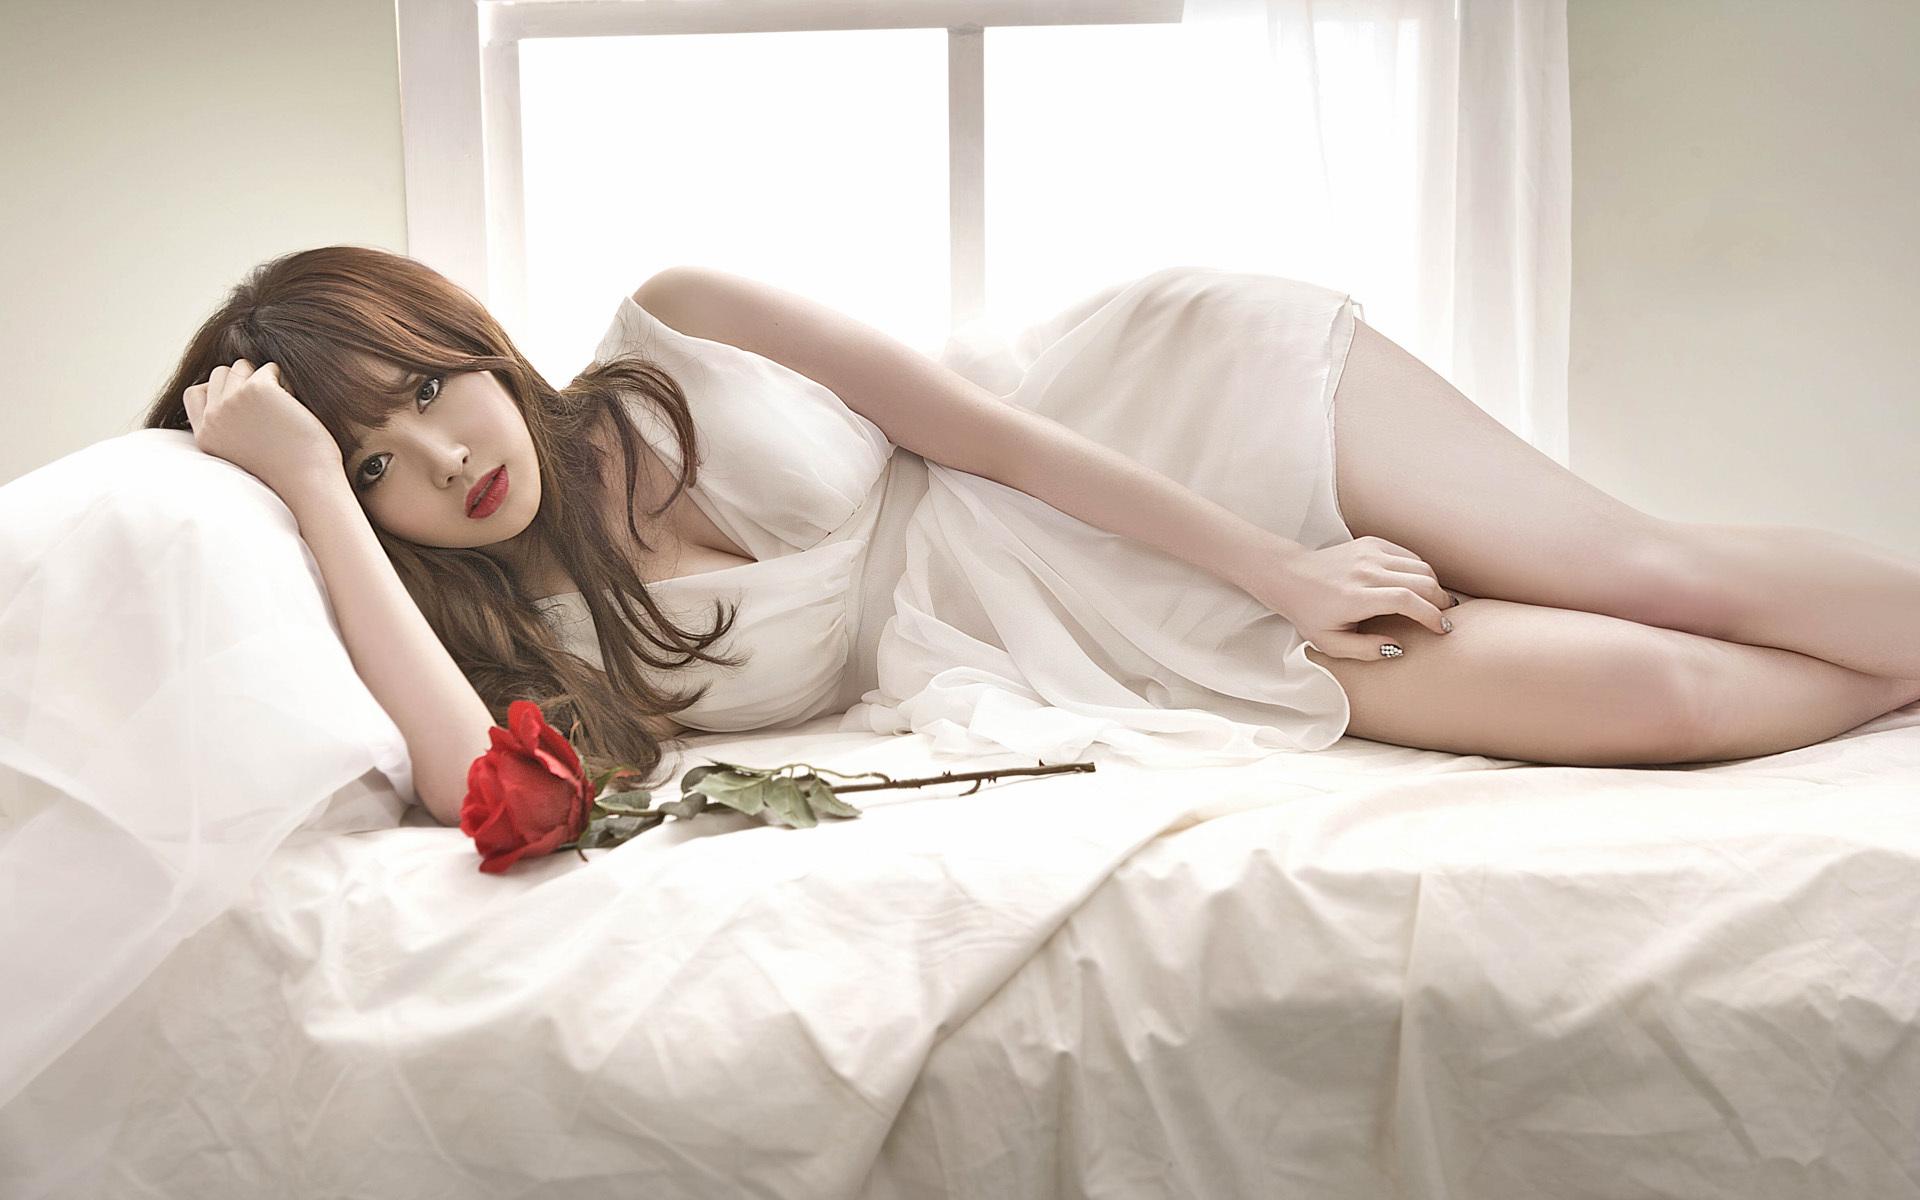 عکس دختر کره ای خوشگل با لباس خواب سفید